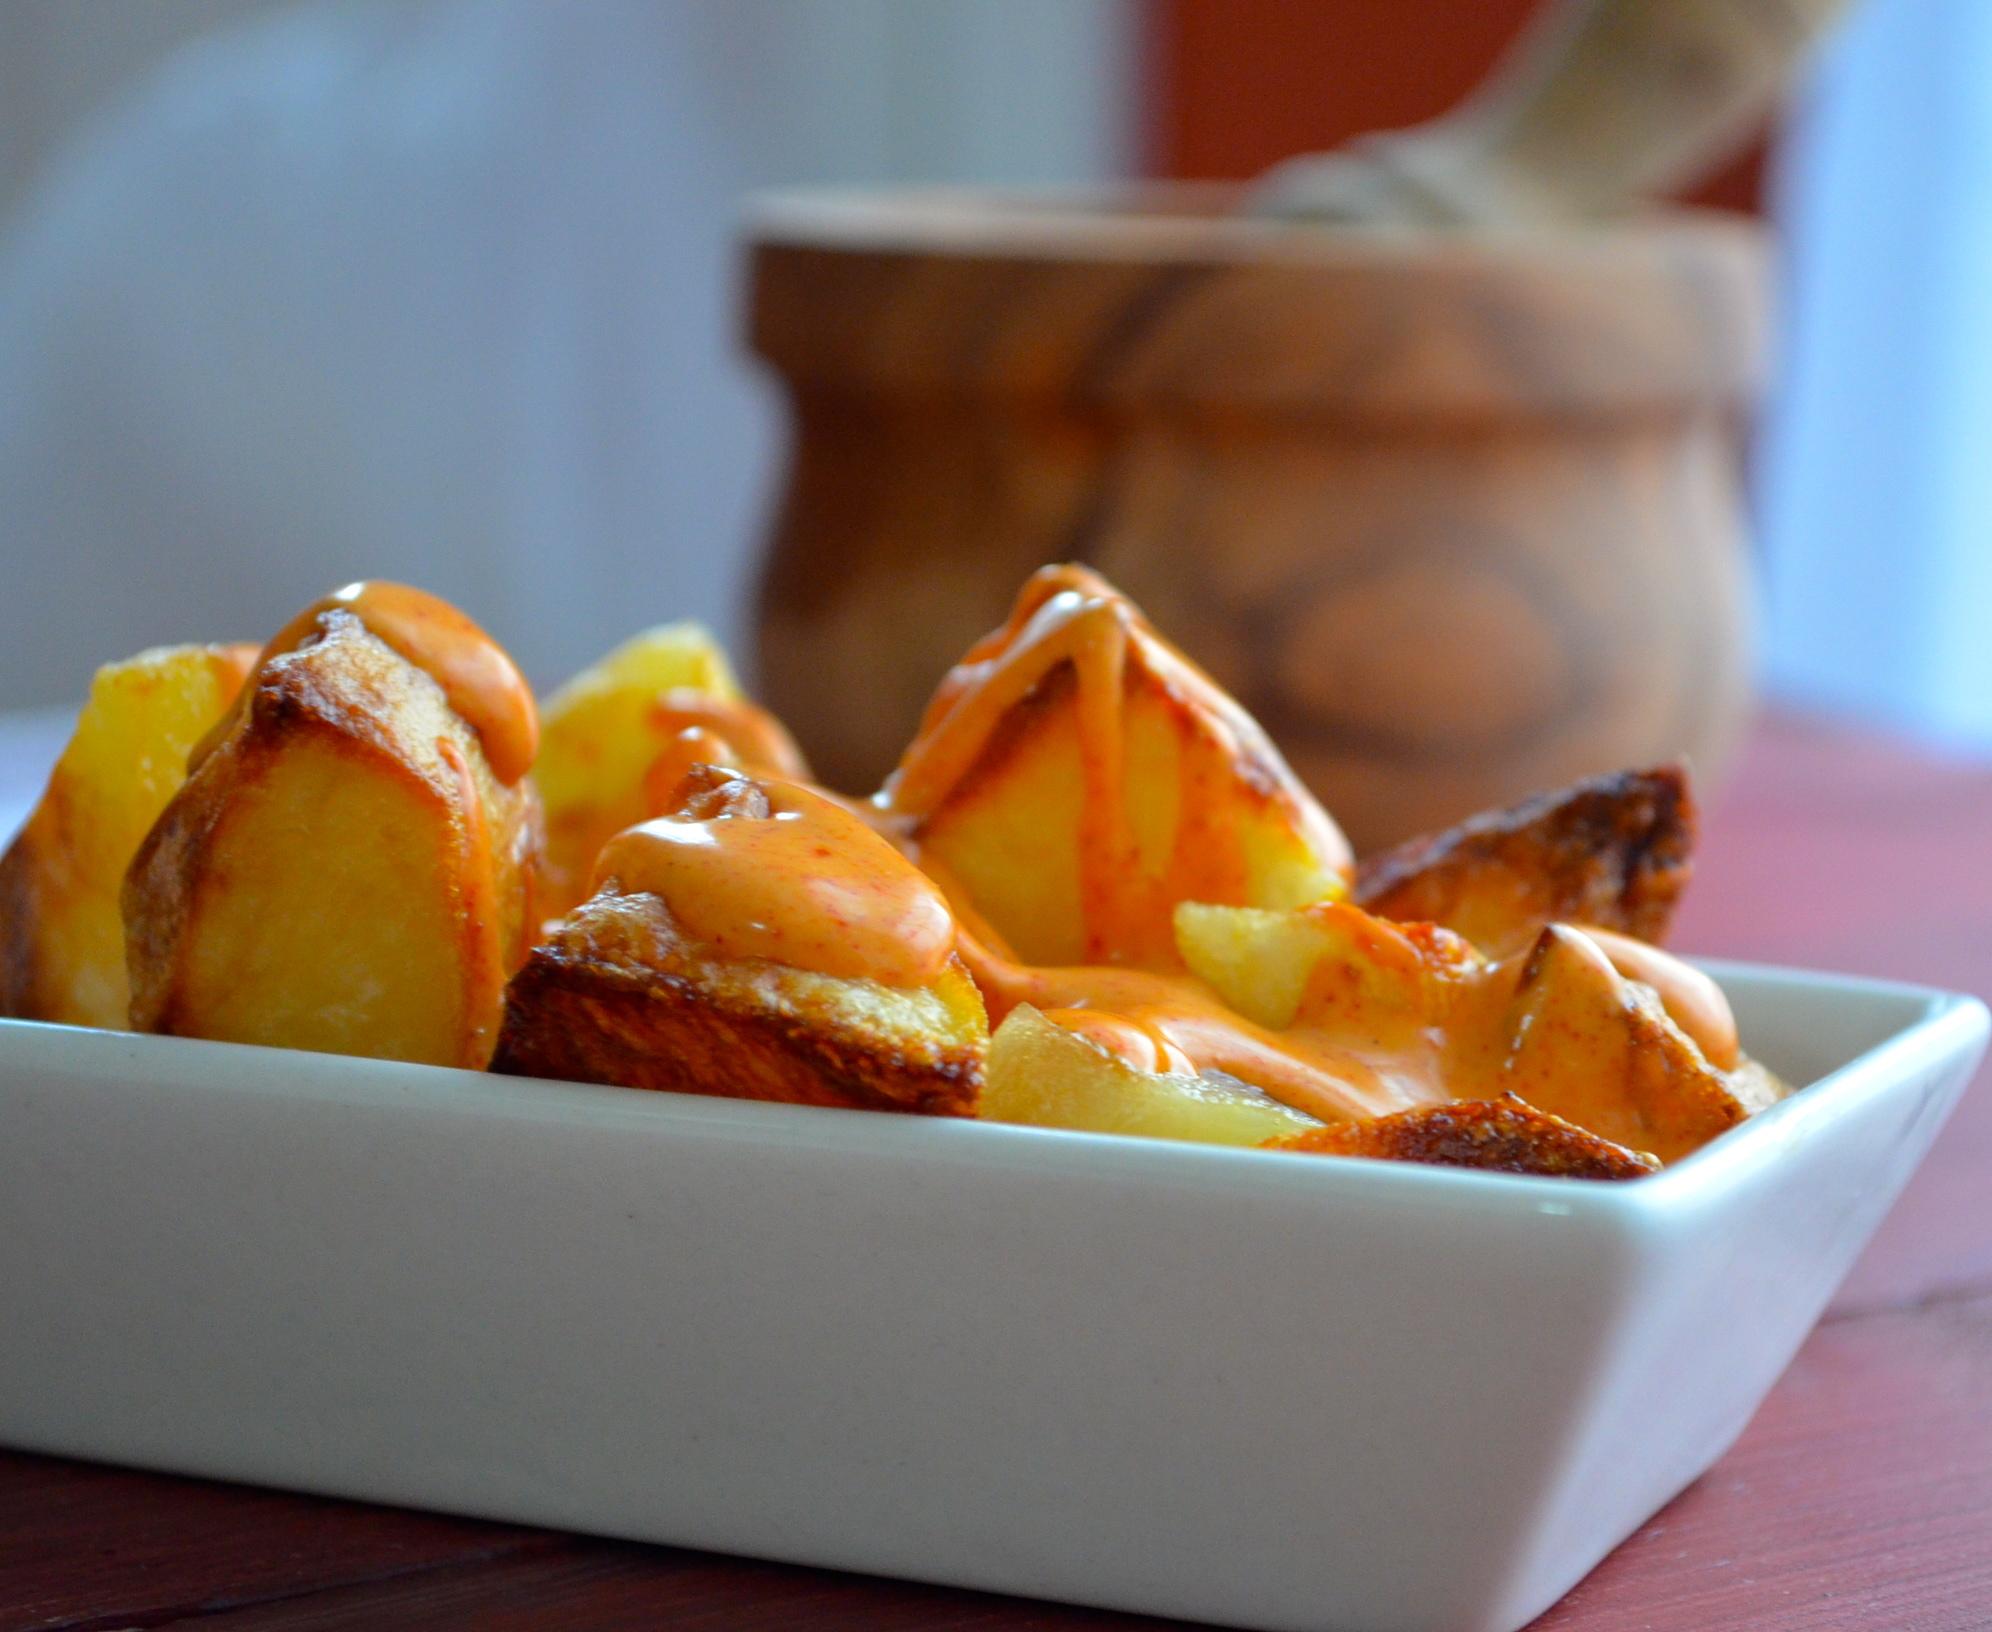 patatas bravas tapas